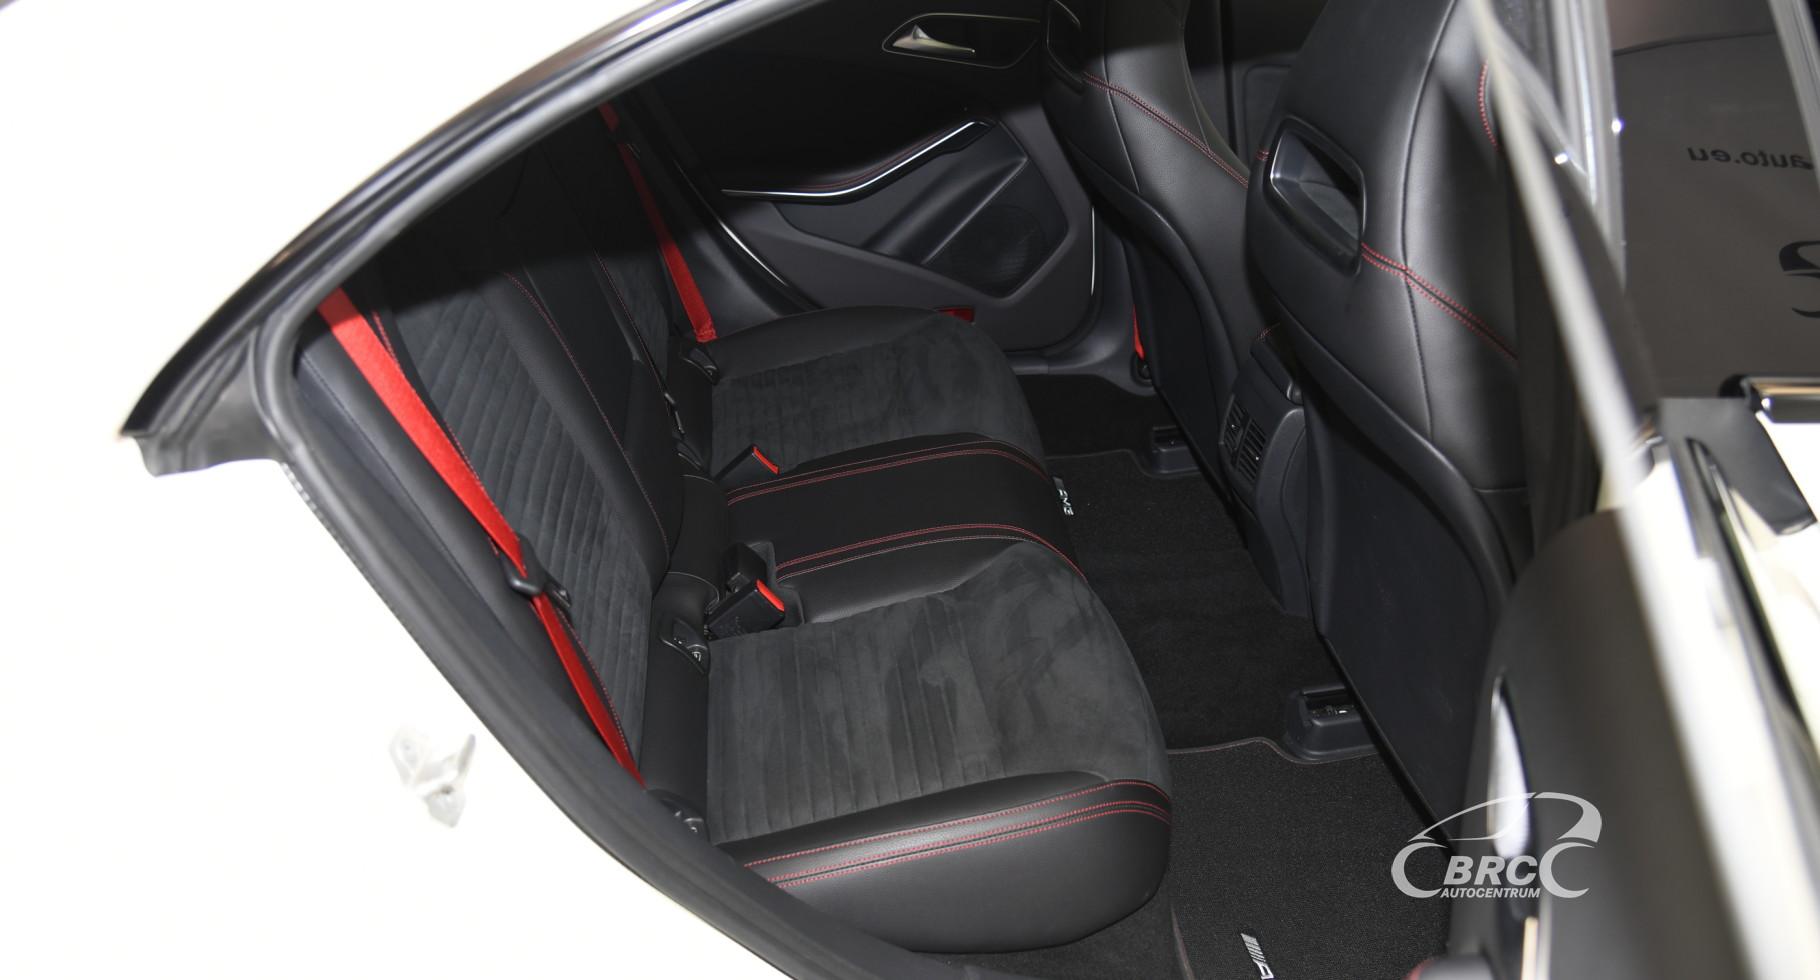 Mercedes-Benz CLA 45 AMG 4MATIC Automatas